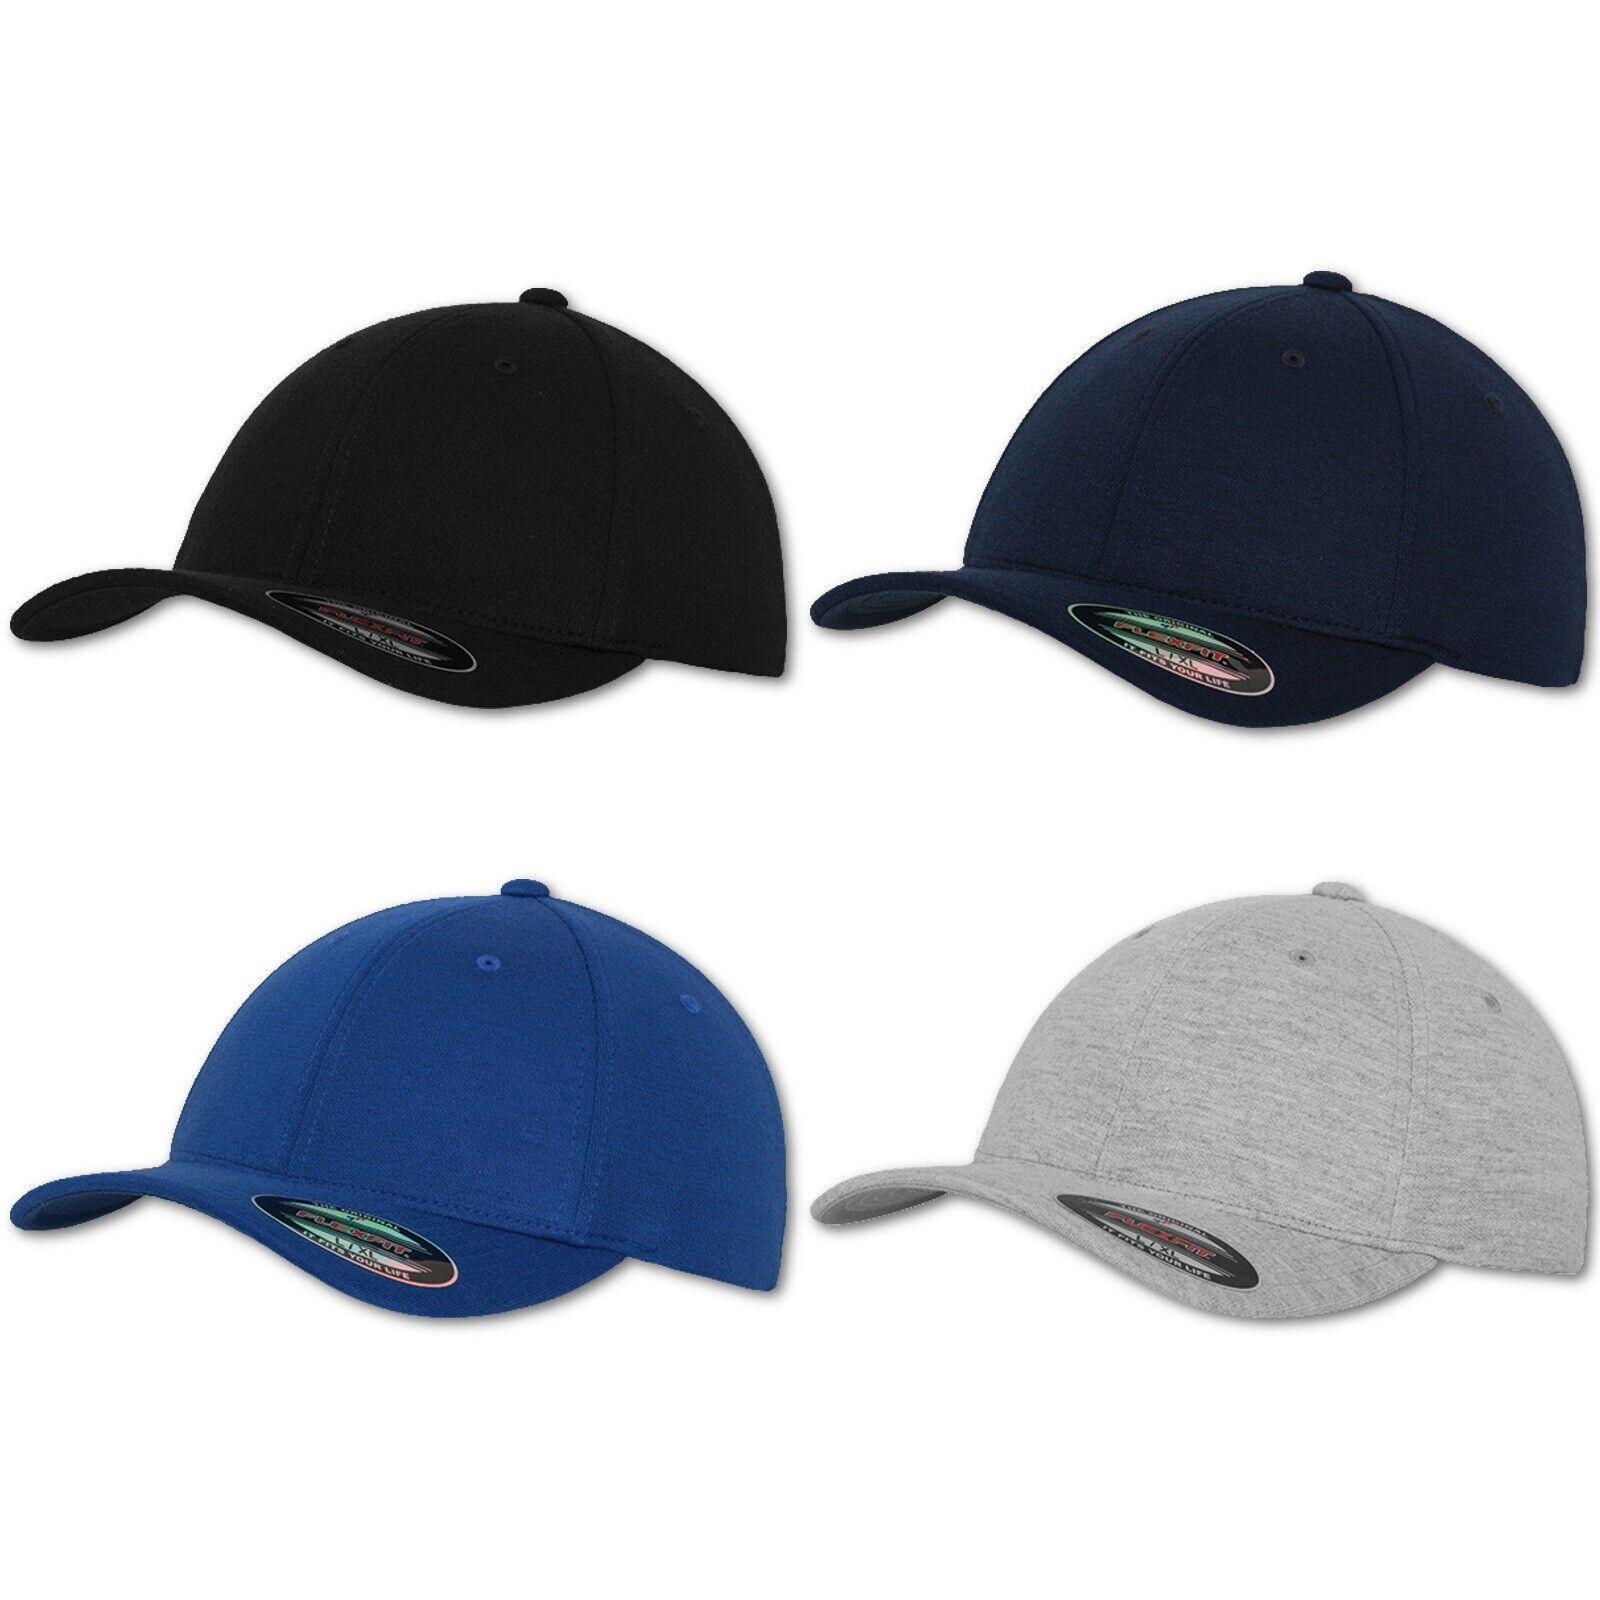 Flexfit Cap Baseball Caps Kappe Double Jersey Mütze Flex Fit Basecap Hut Hat Neu